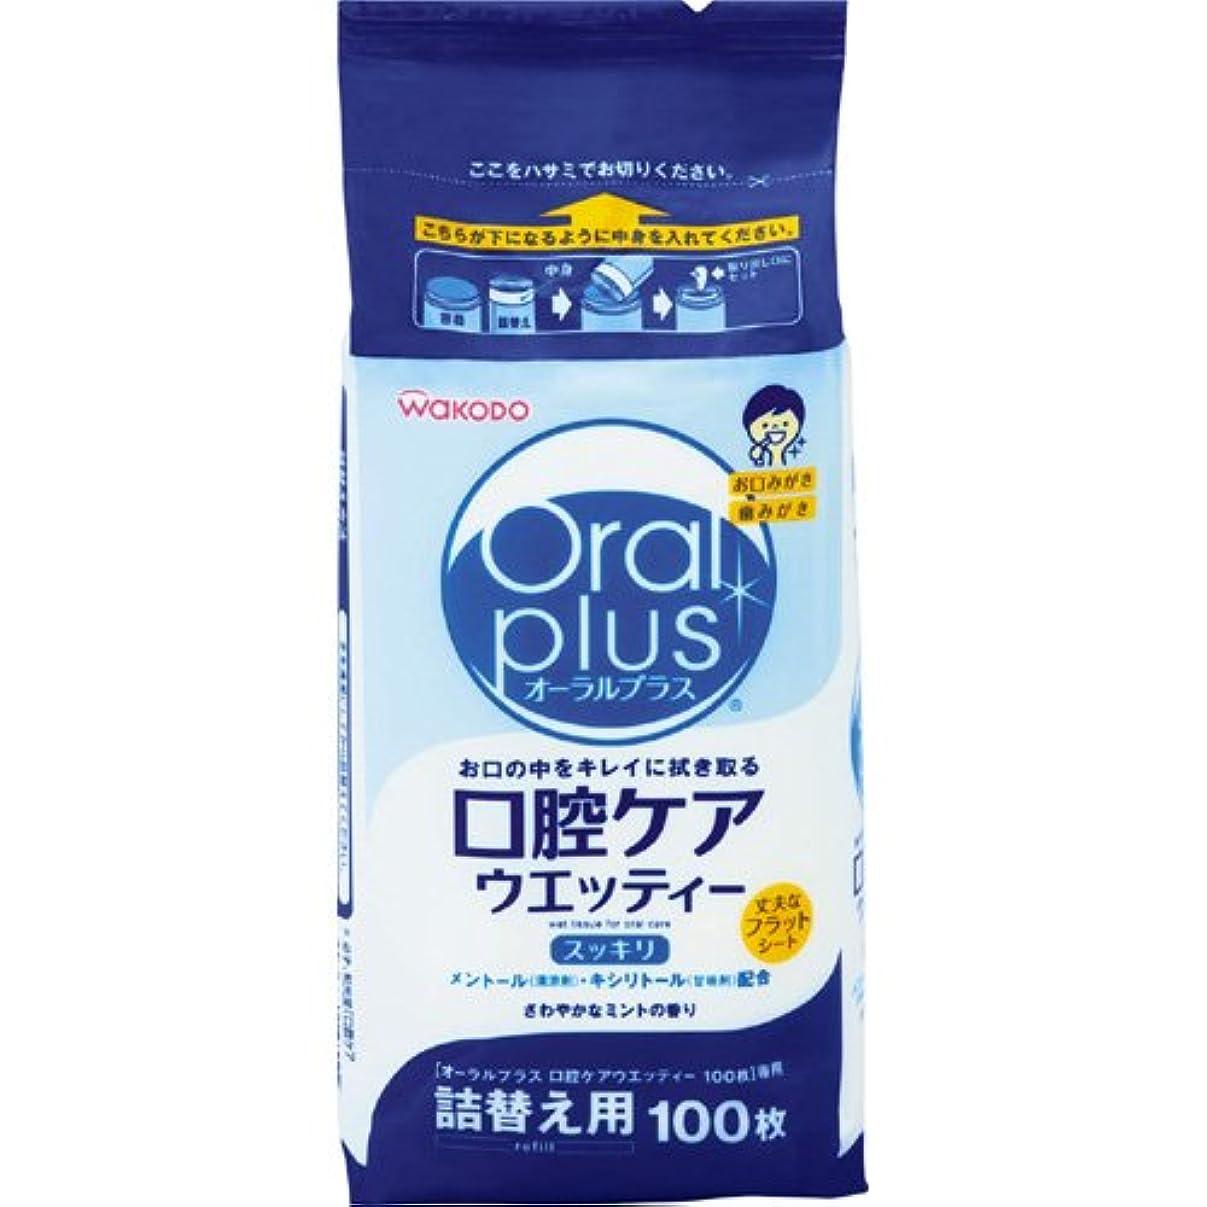 見捨てる拘束する中断オーラルプラス 口腔ケアウエッティー ミントの香り 詰替え用 100枚 1ケース(12個入)